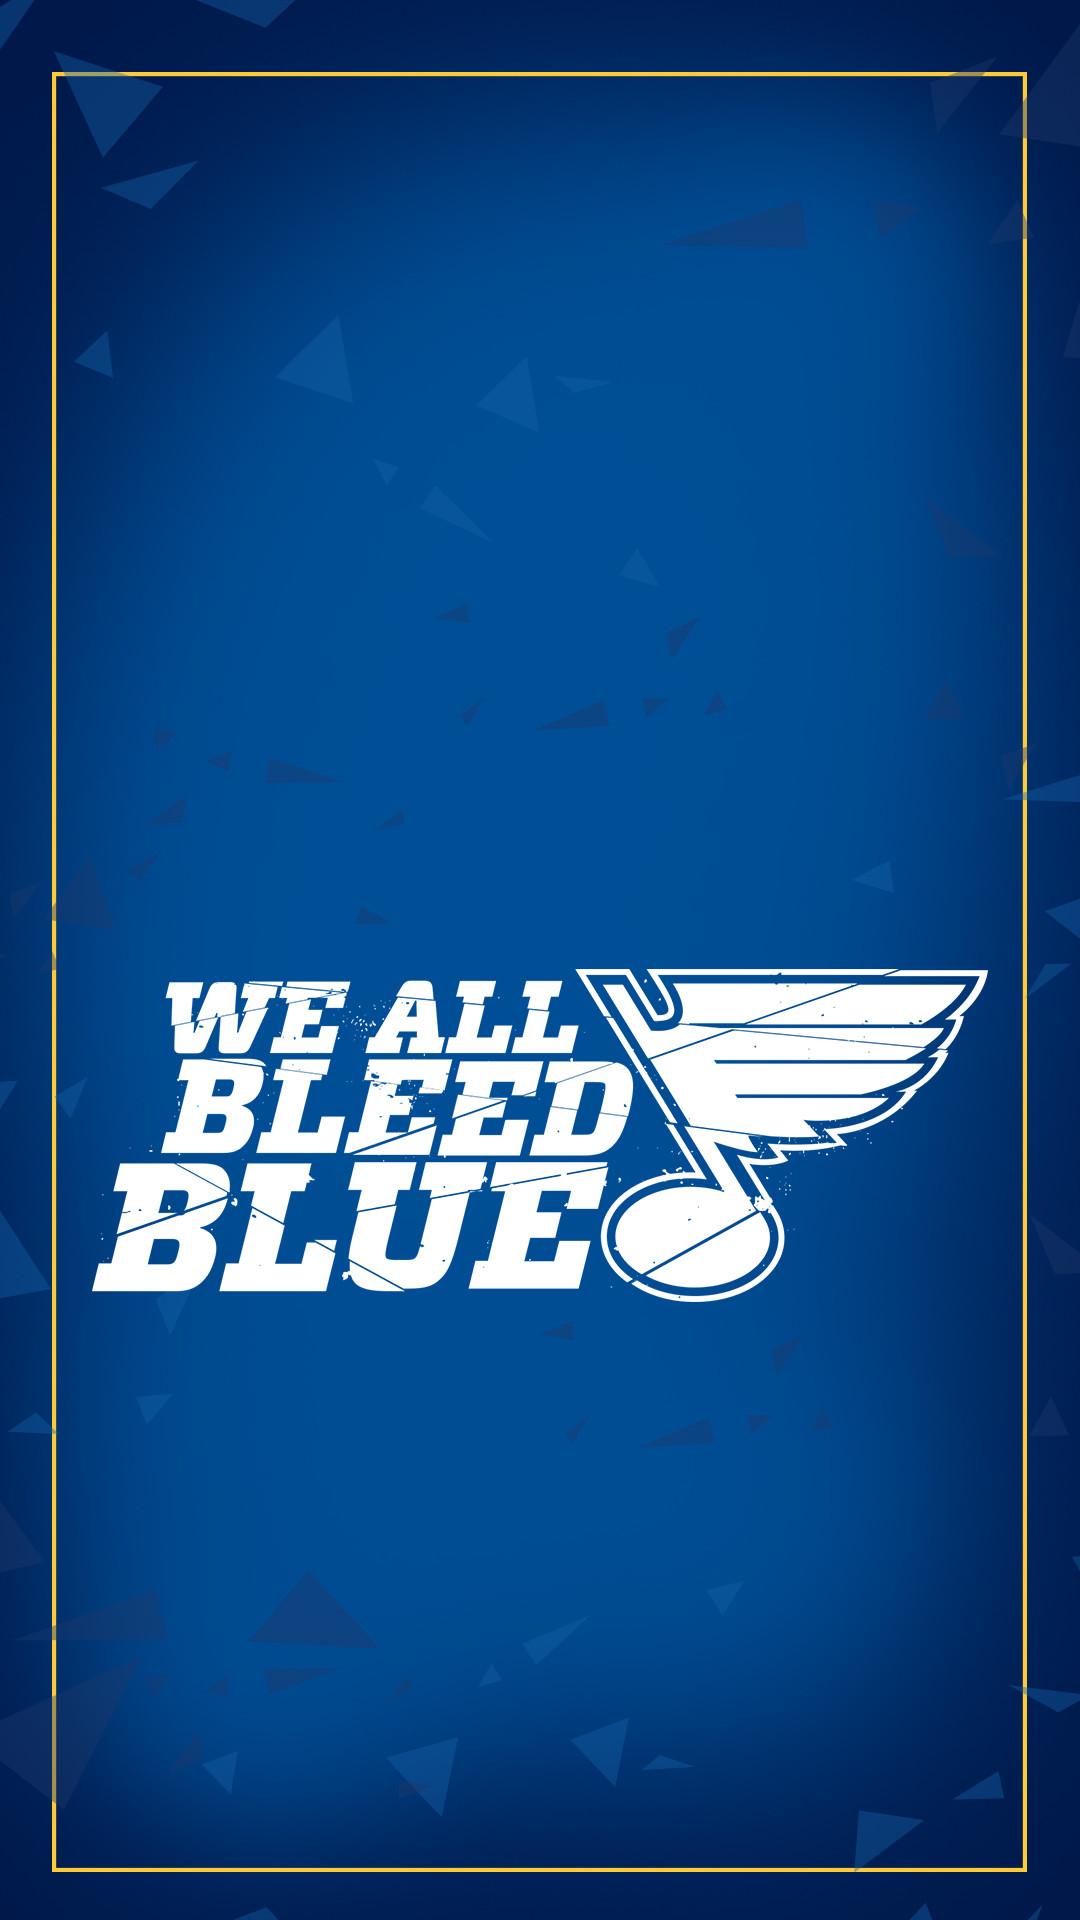 St Louis Blues Wallpaper (79+ images)